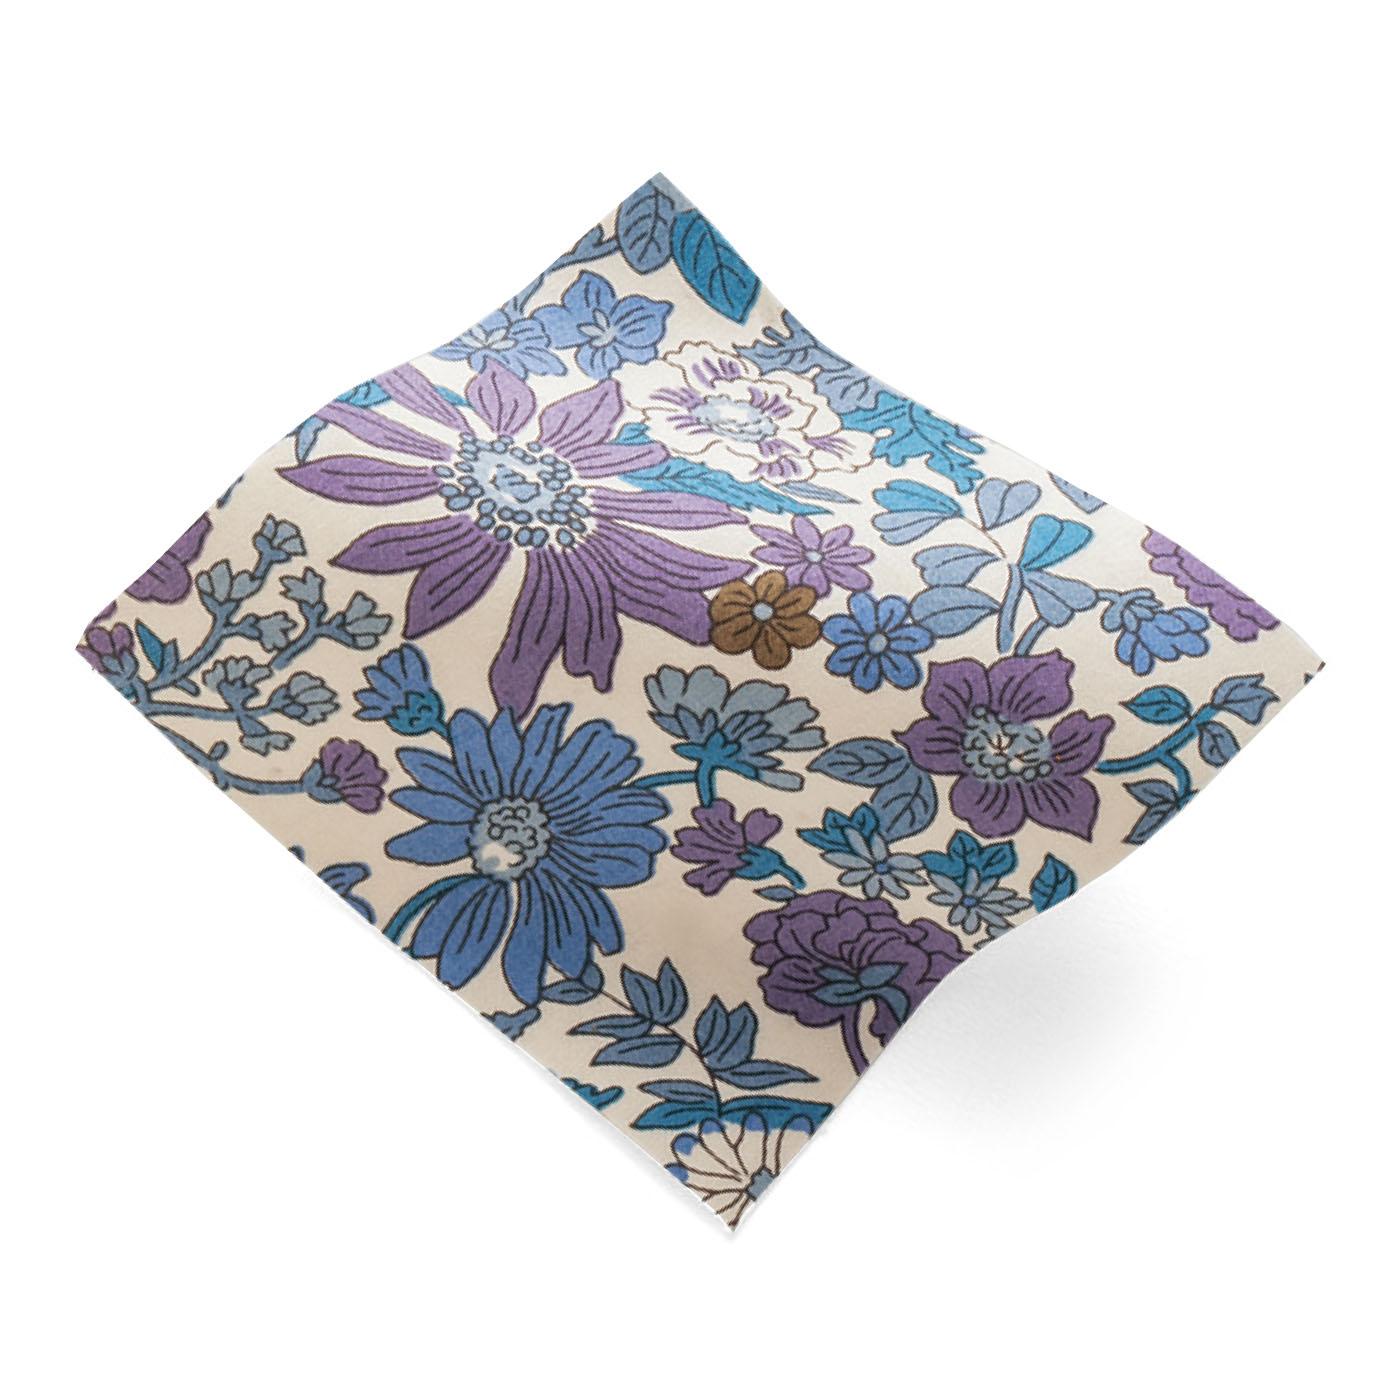 LIBERTY FABRICS 1875年、アーサー・ラセンビィ・リバティによってリバティ百貨店の前進となるリバティ商会をロンドンに創立。1880年代に上質な綿のプリントを開発するようになりました。繊細かつ流動的な線で描かれた、多彩な花のパターンが代表的なリバティ・ファブリックス。UKデザインの柄に基づき、色やサイズをアレンジし、ほぼ国産で生産しています。